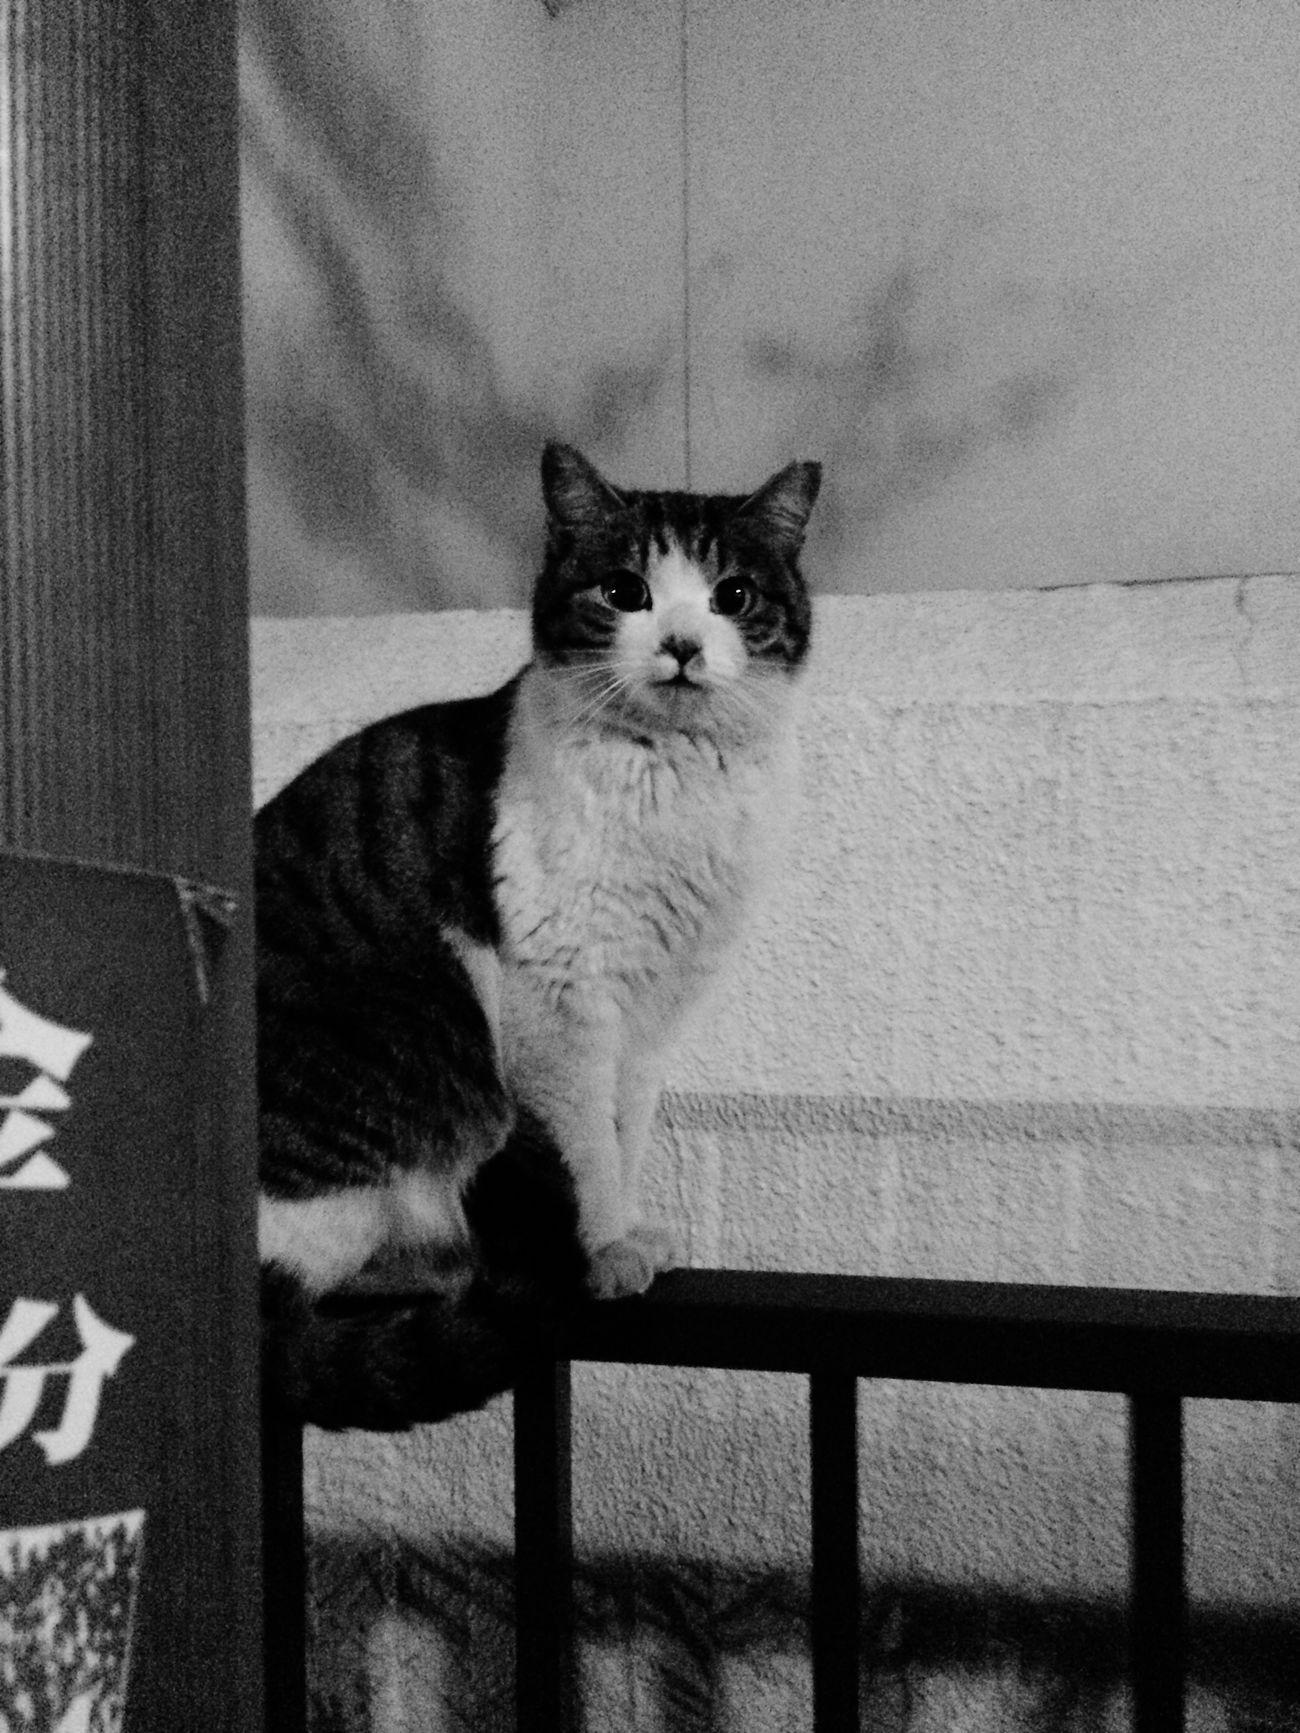 野良猫 Cats Street Cats Black And White Streetphotography